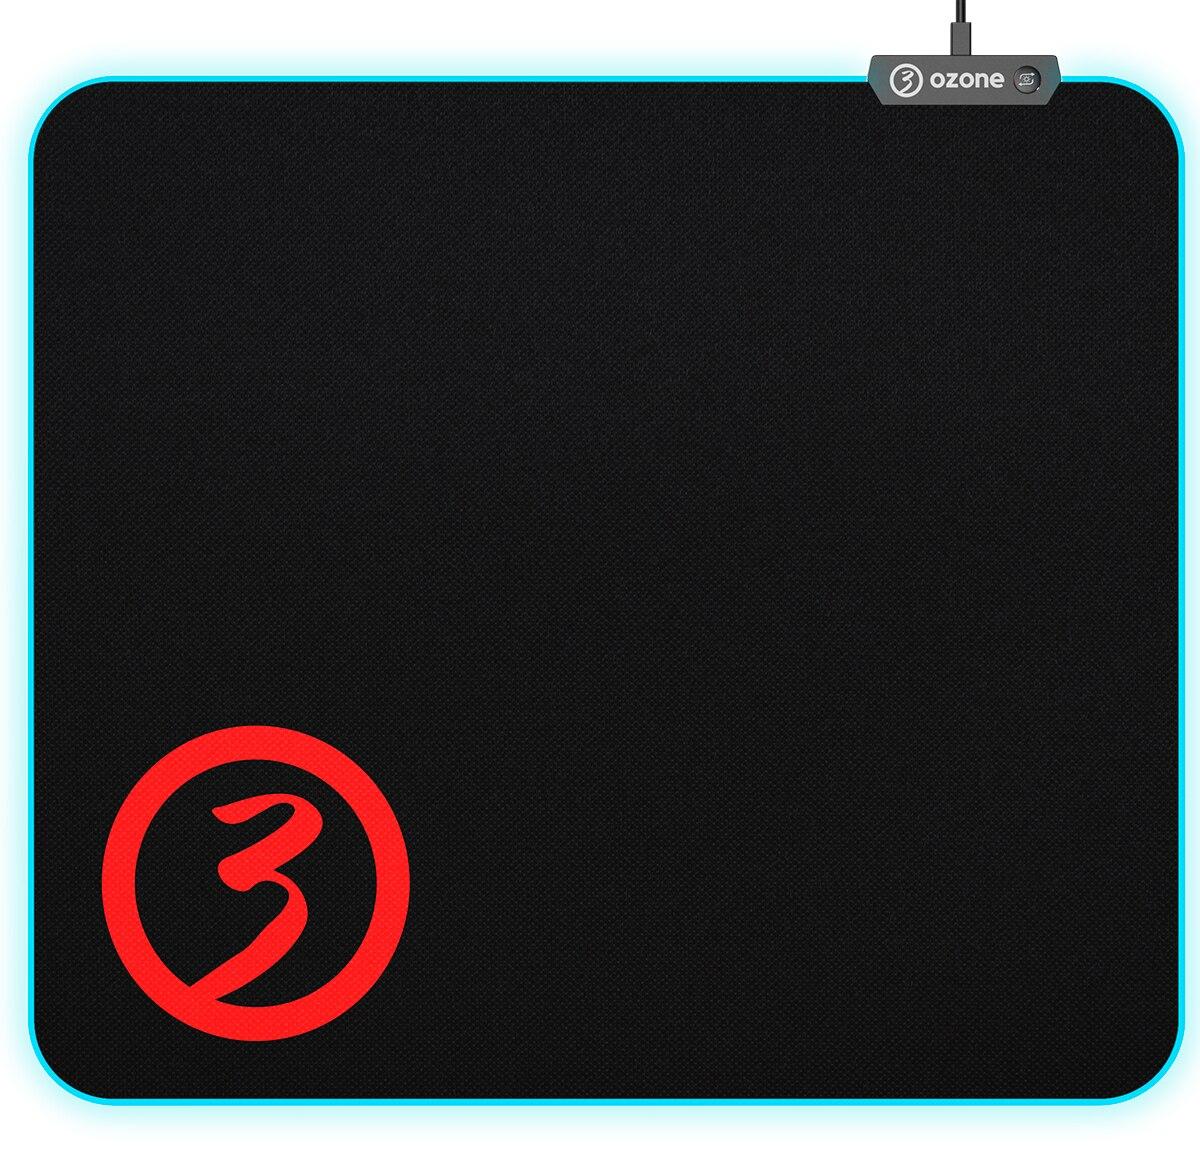 Alfombrilla PC gaming OZONE Level Pro Spectra - RGB, Controlador de Efectos + 3 modos